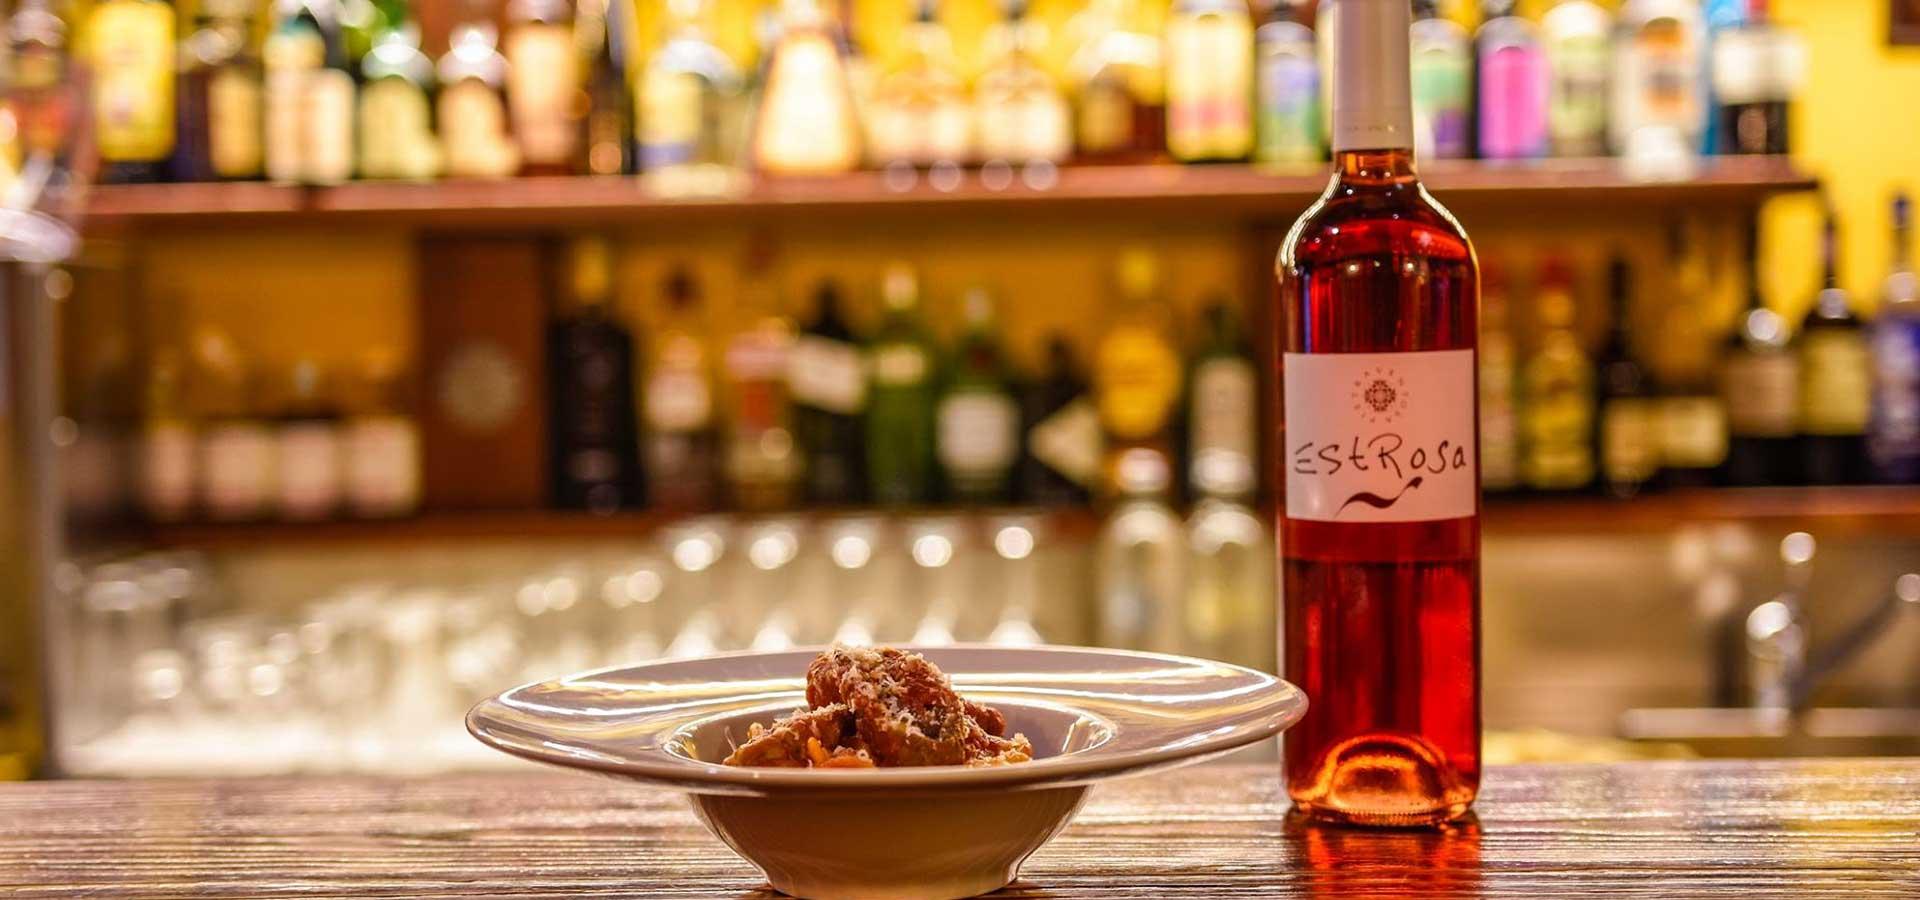 L'abbinamento cibo-vino di Pasquale #5